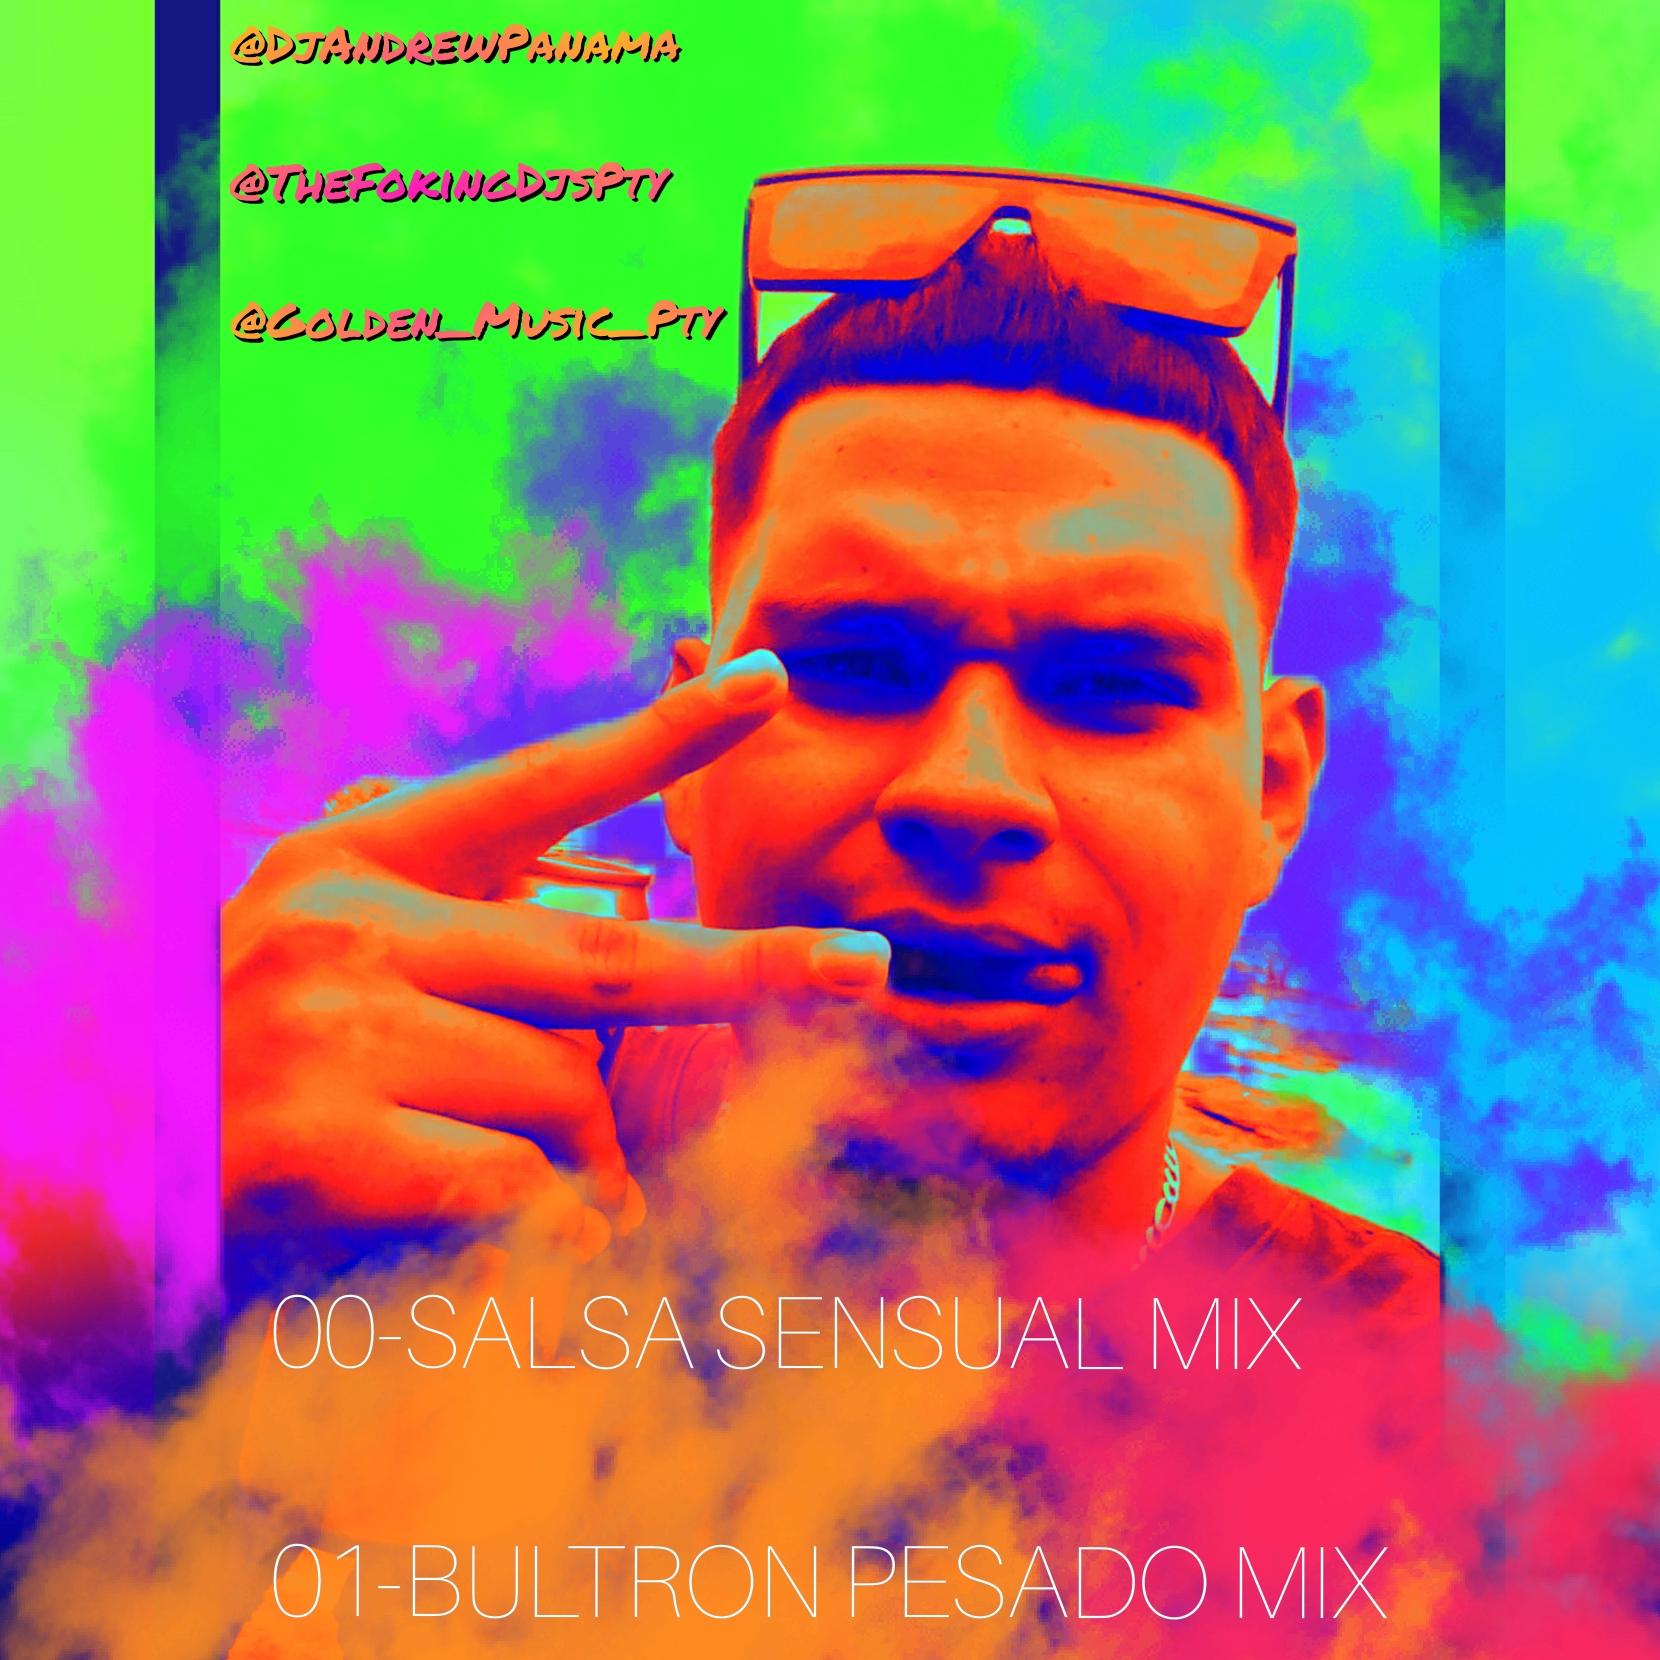 Dj Andrew  - Bultron Pesado Mix